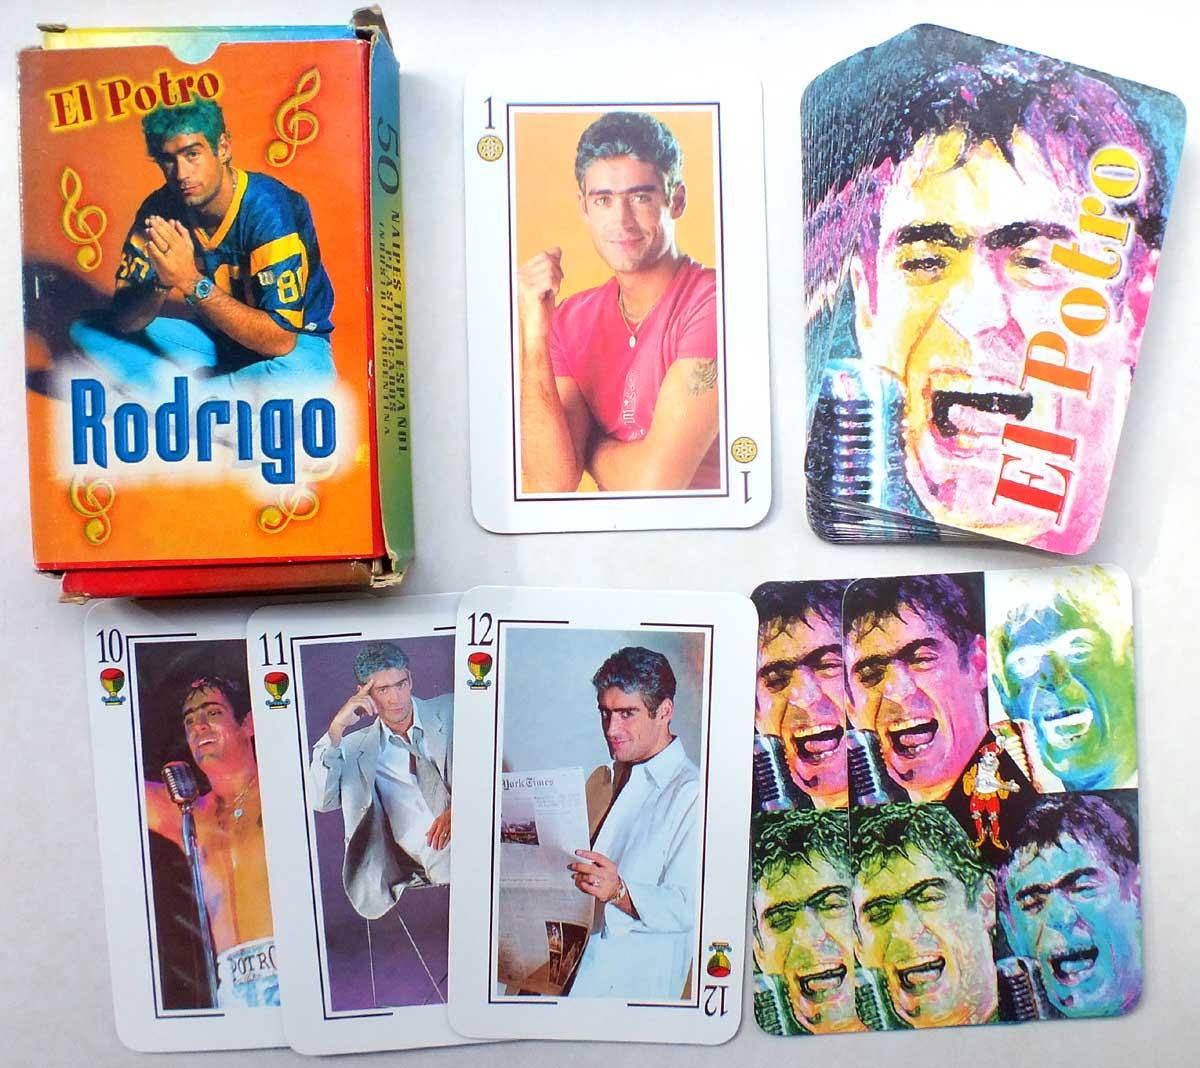 Naipes El Potro Rodrigo, c.2000